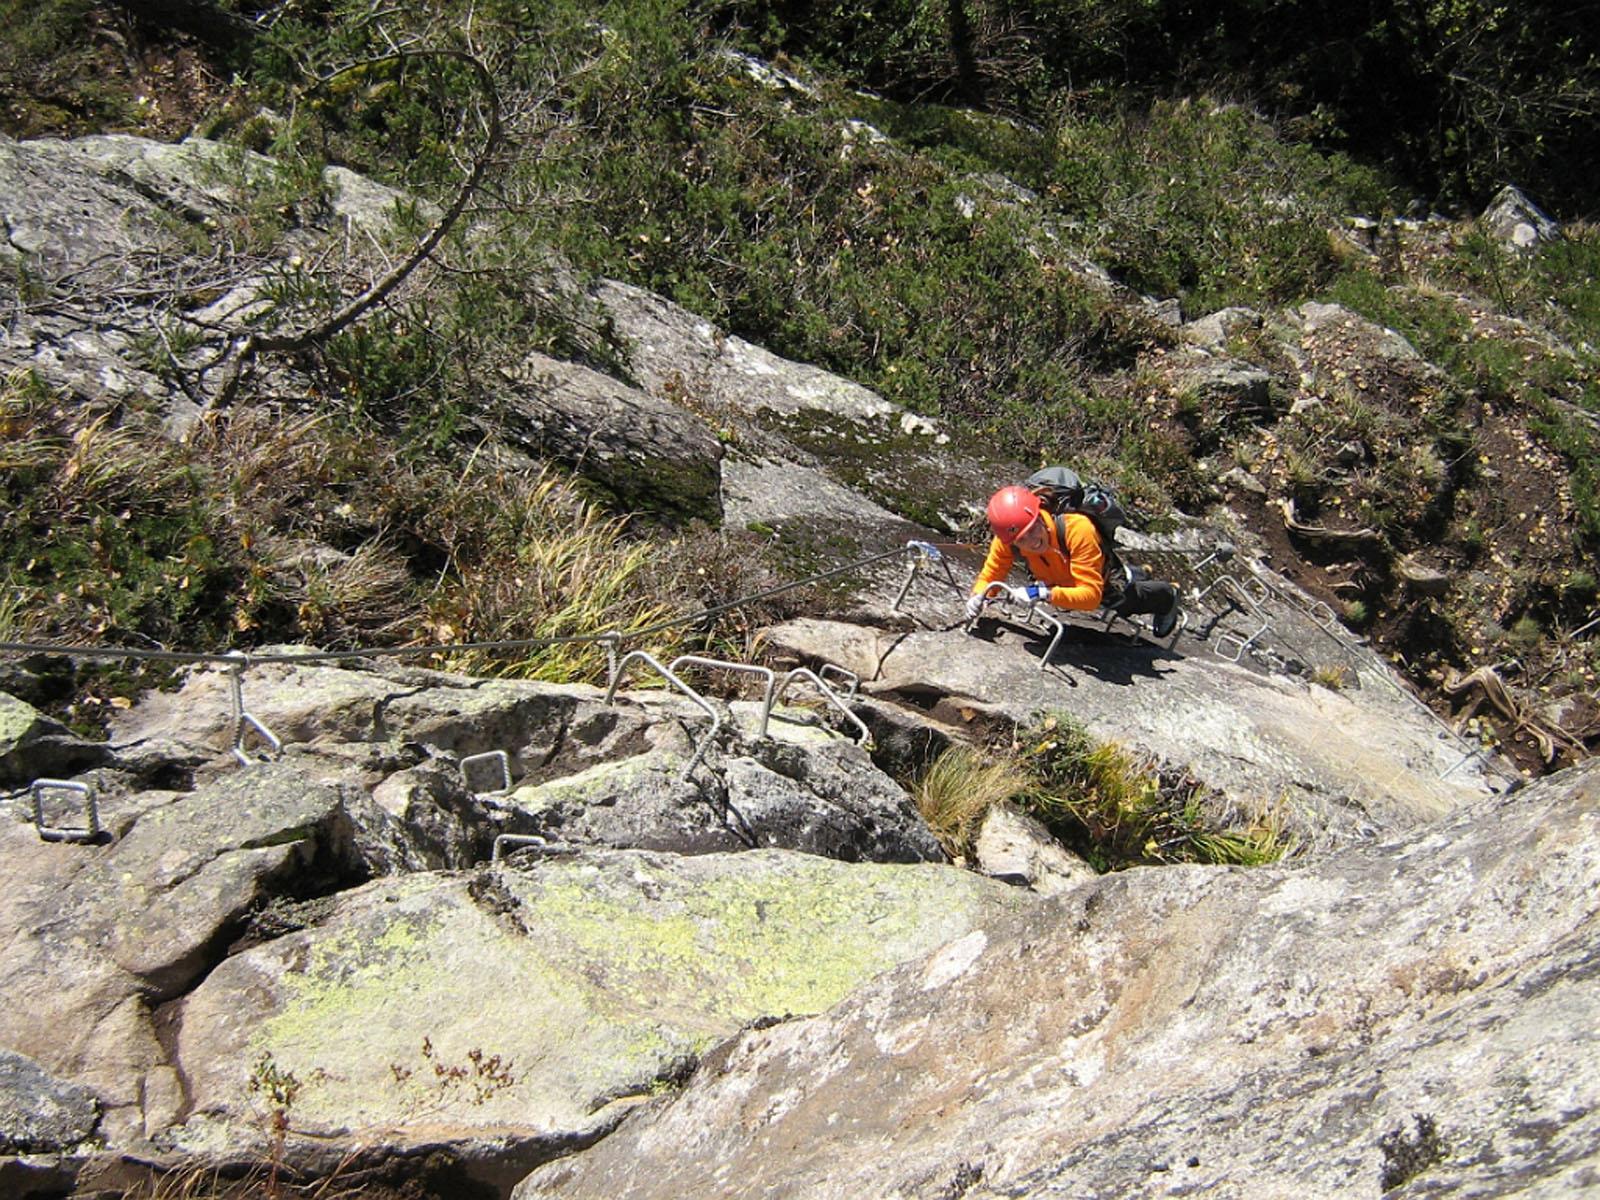 Klettersteig Nasenwand : 07. november 2009 nasenwand klettersteig